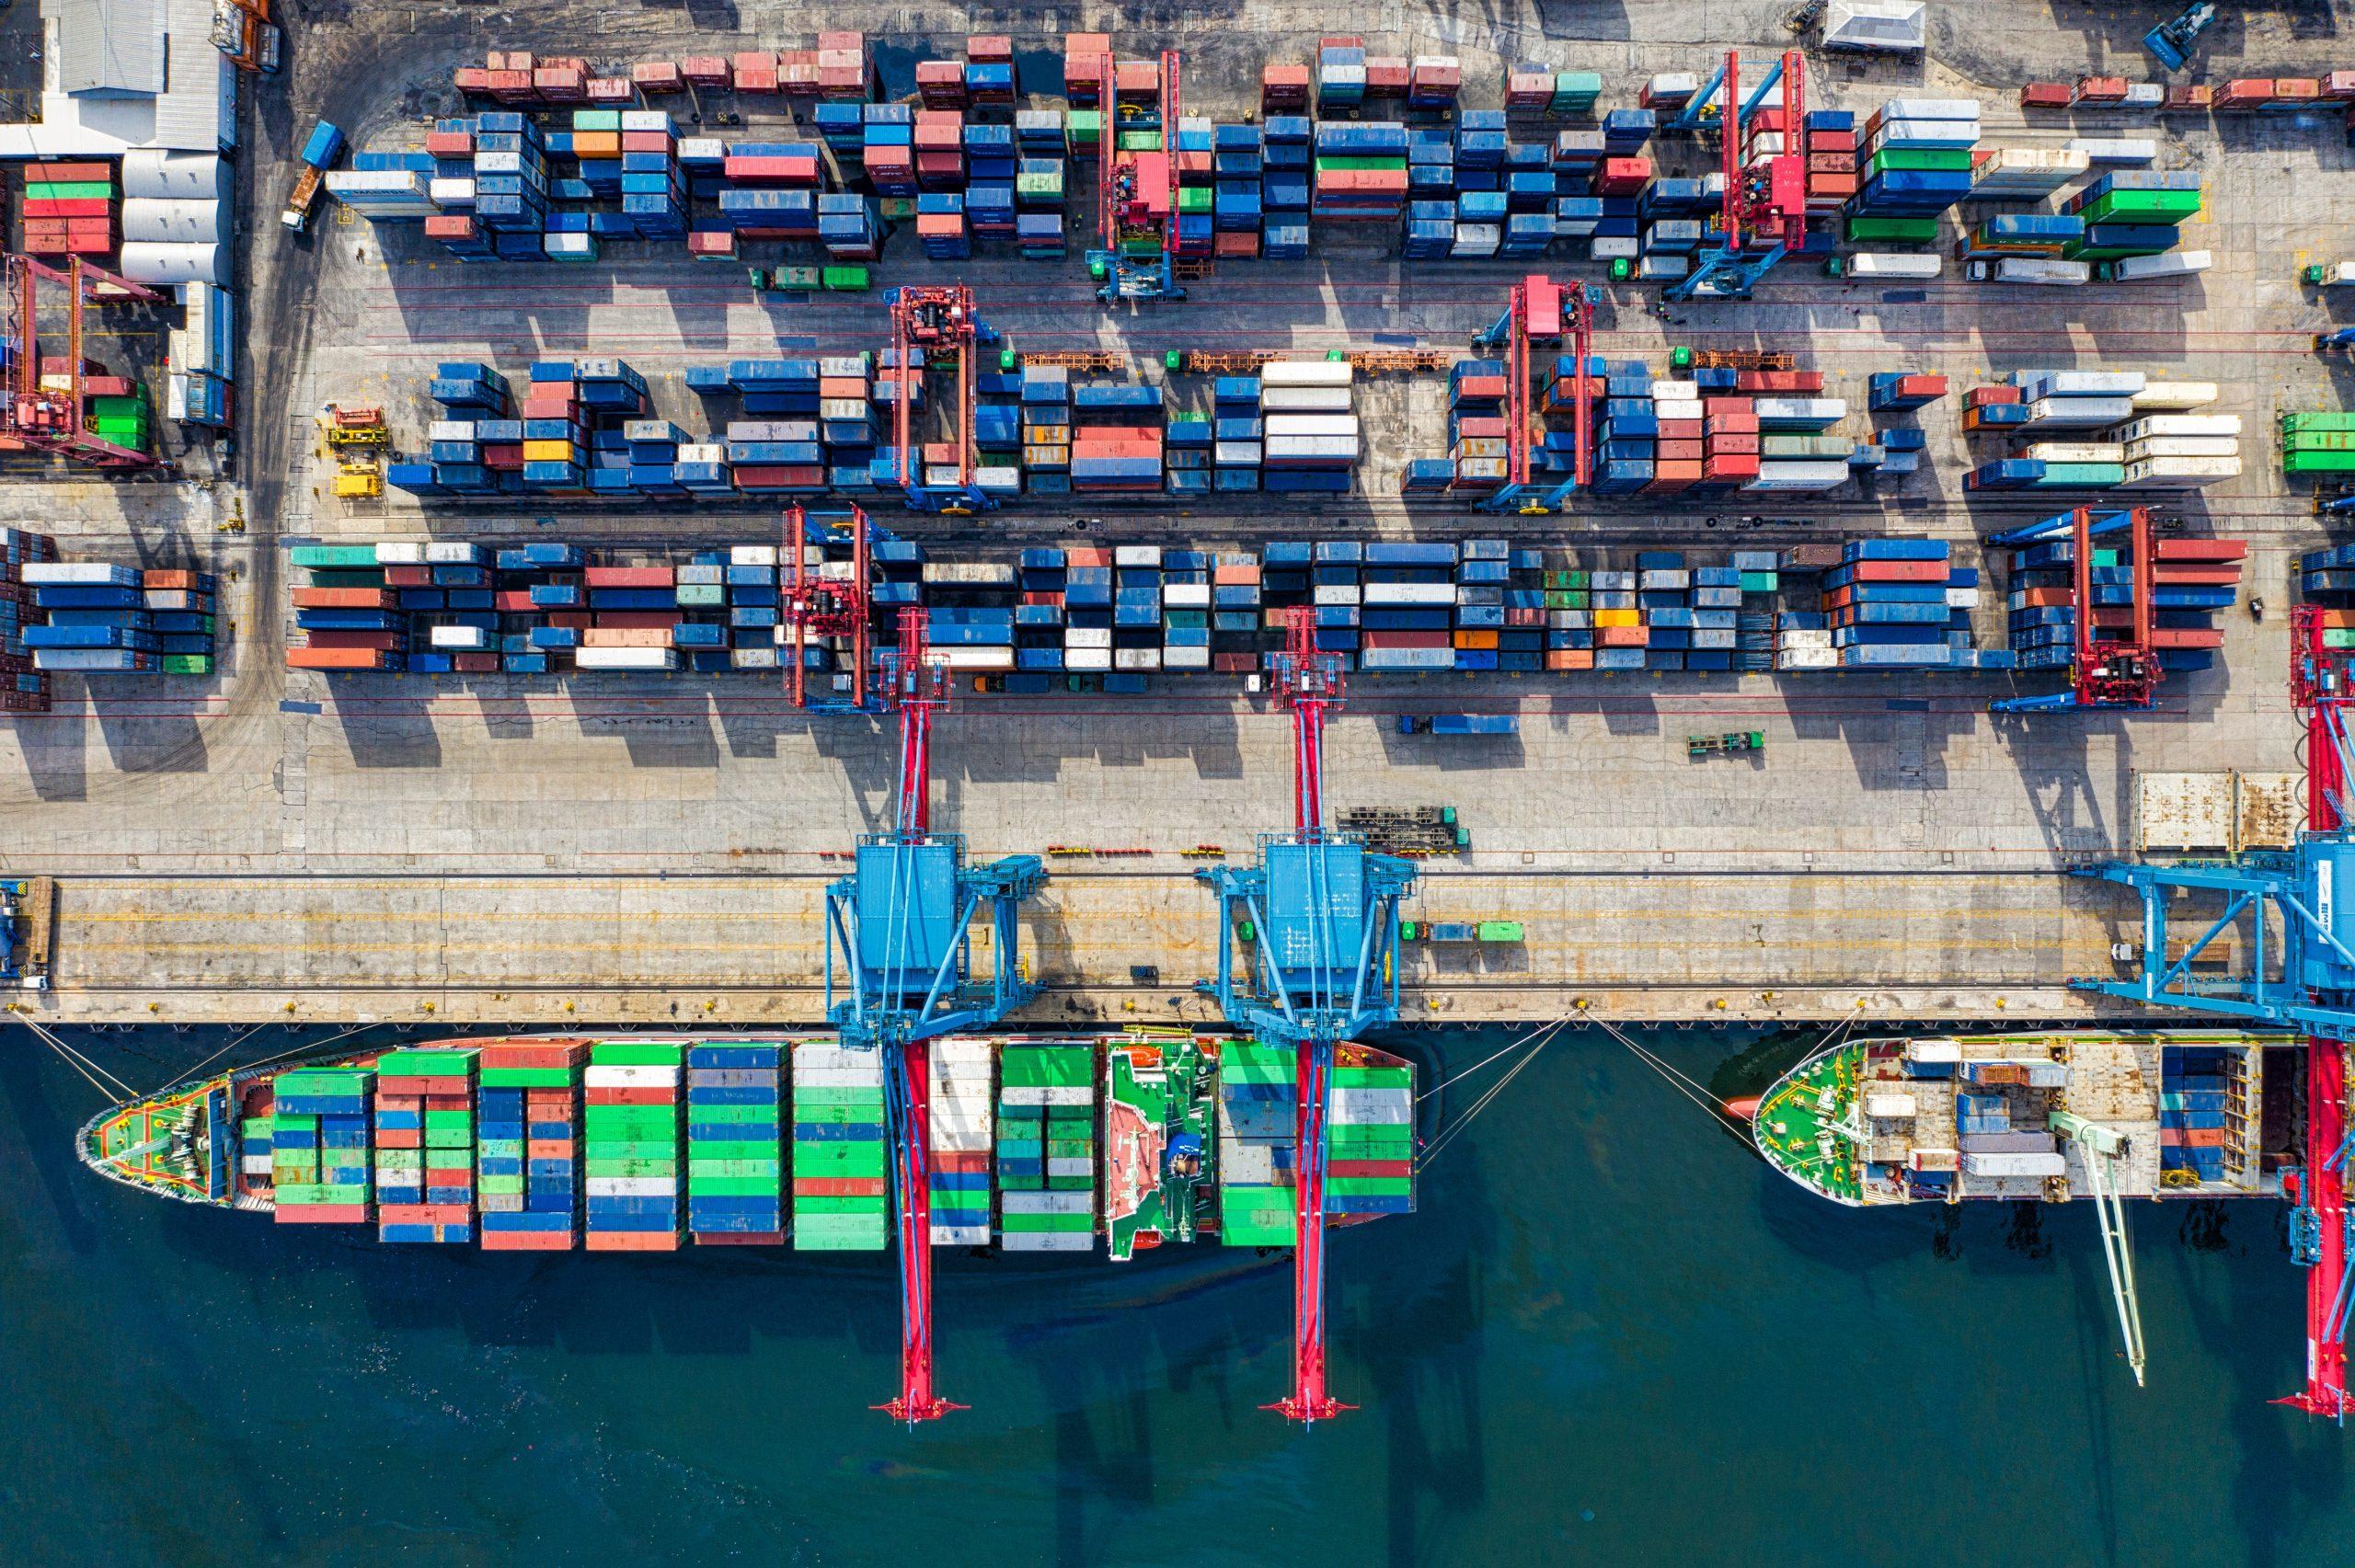 Scrum in Logistics: a business case